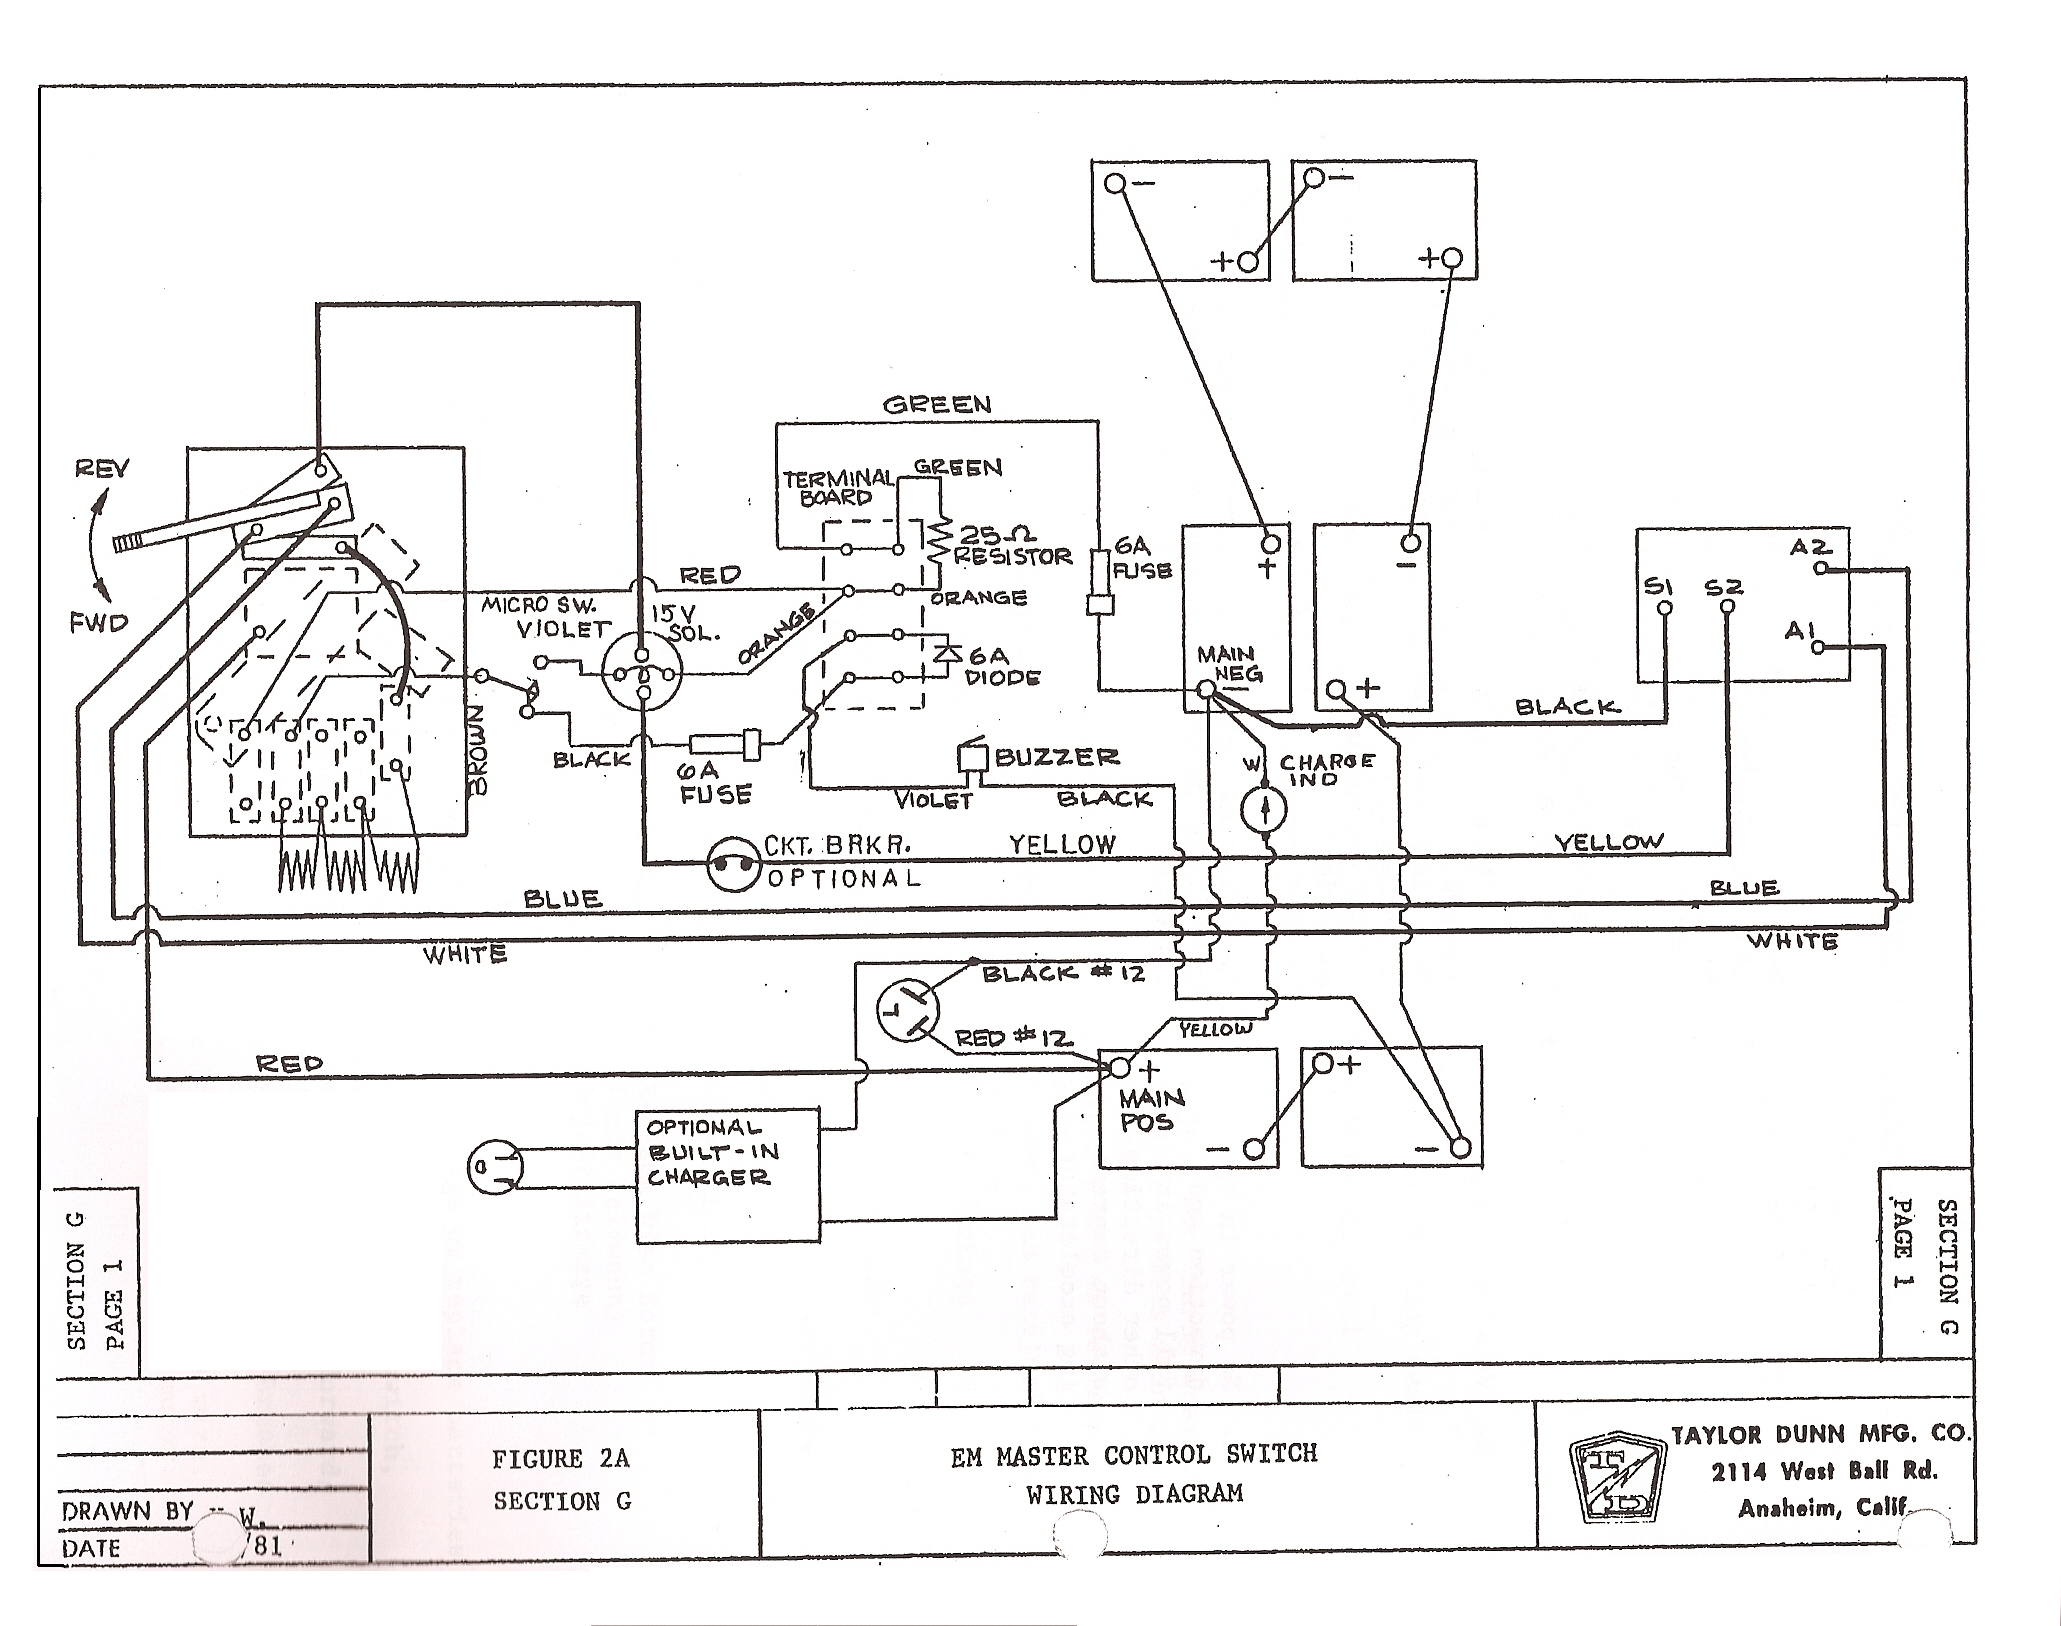 taylor dunn golf cart wiring diagram lzk gallery